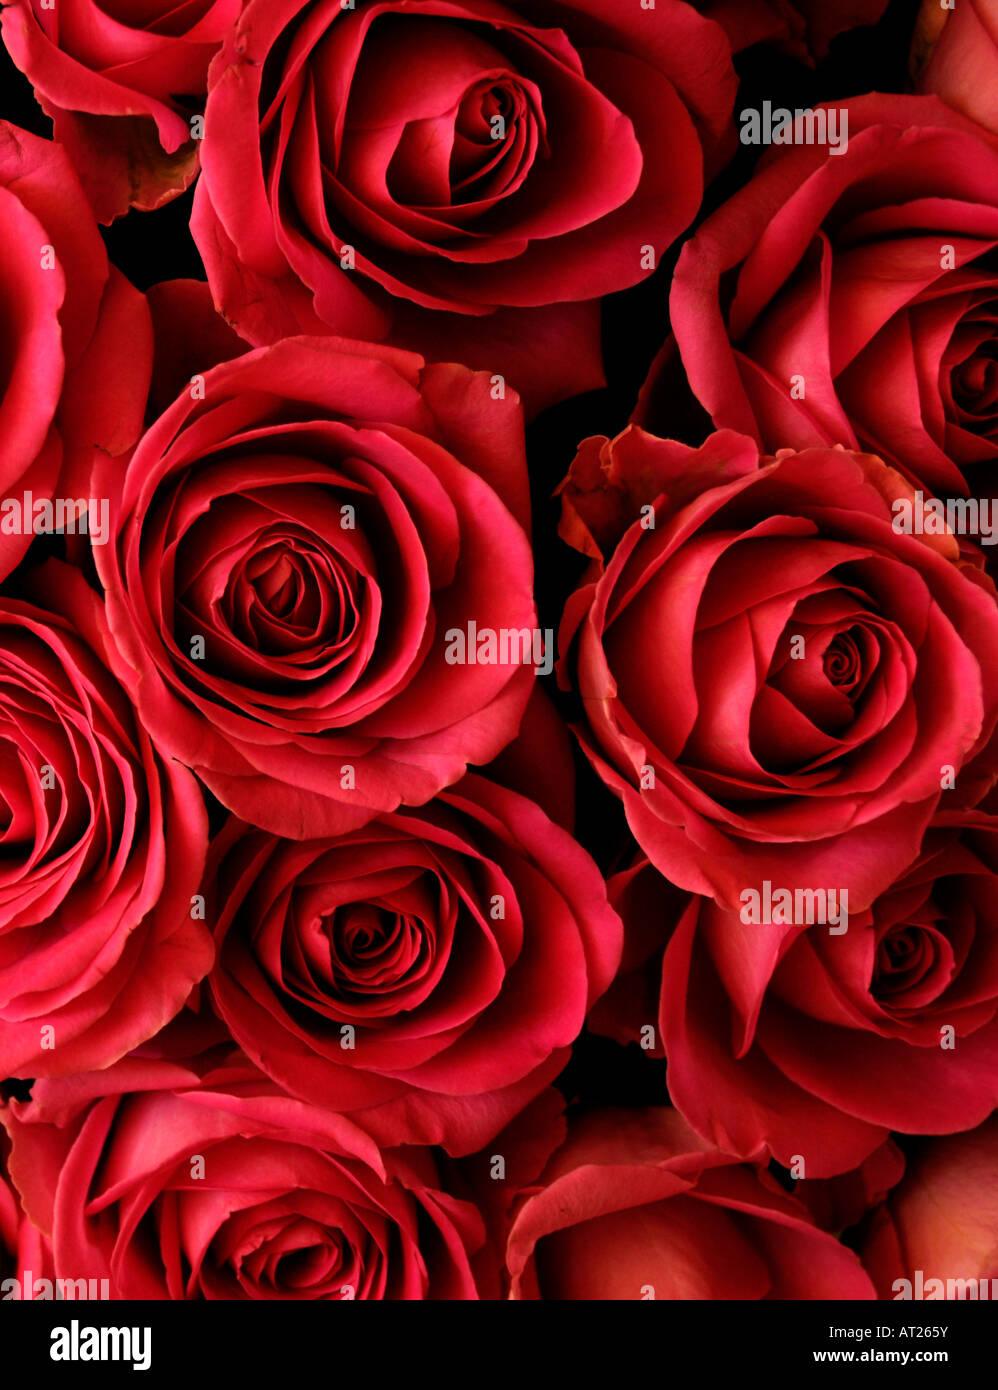 Bouquet de roses rouges Photo Stock